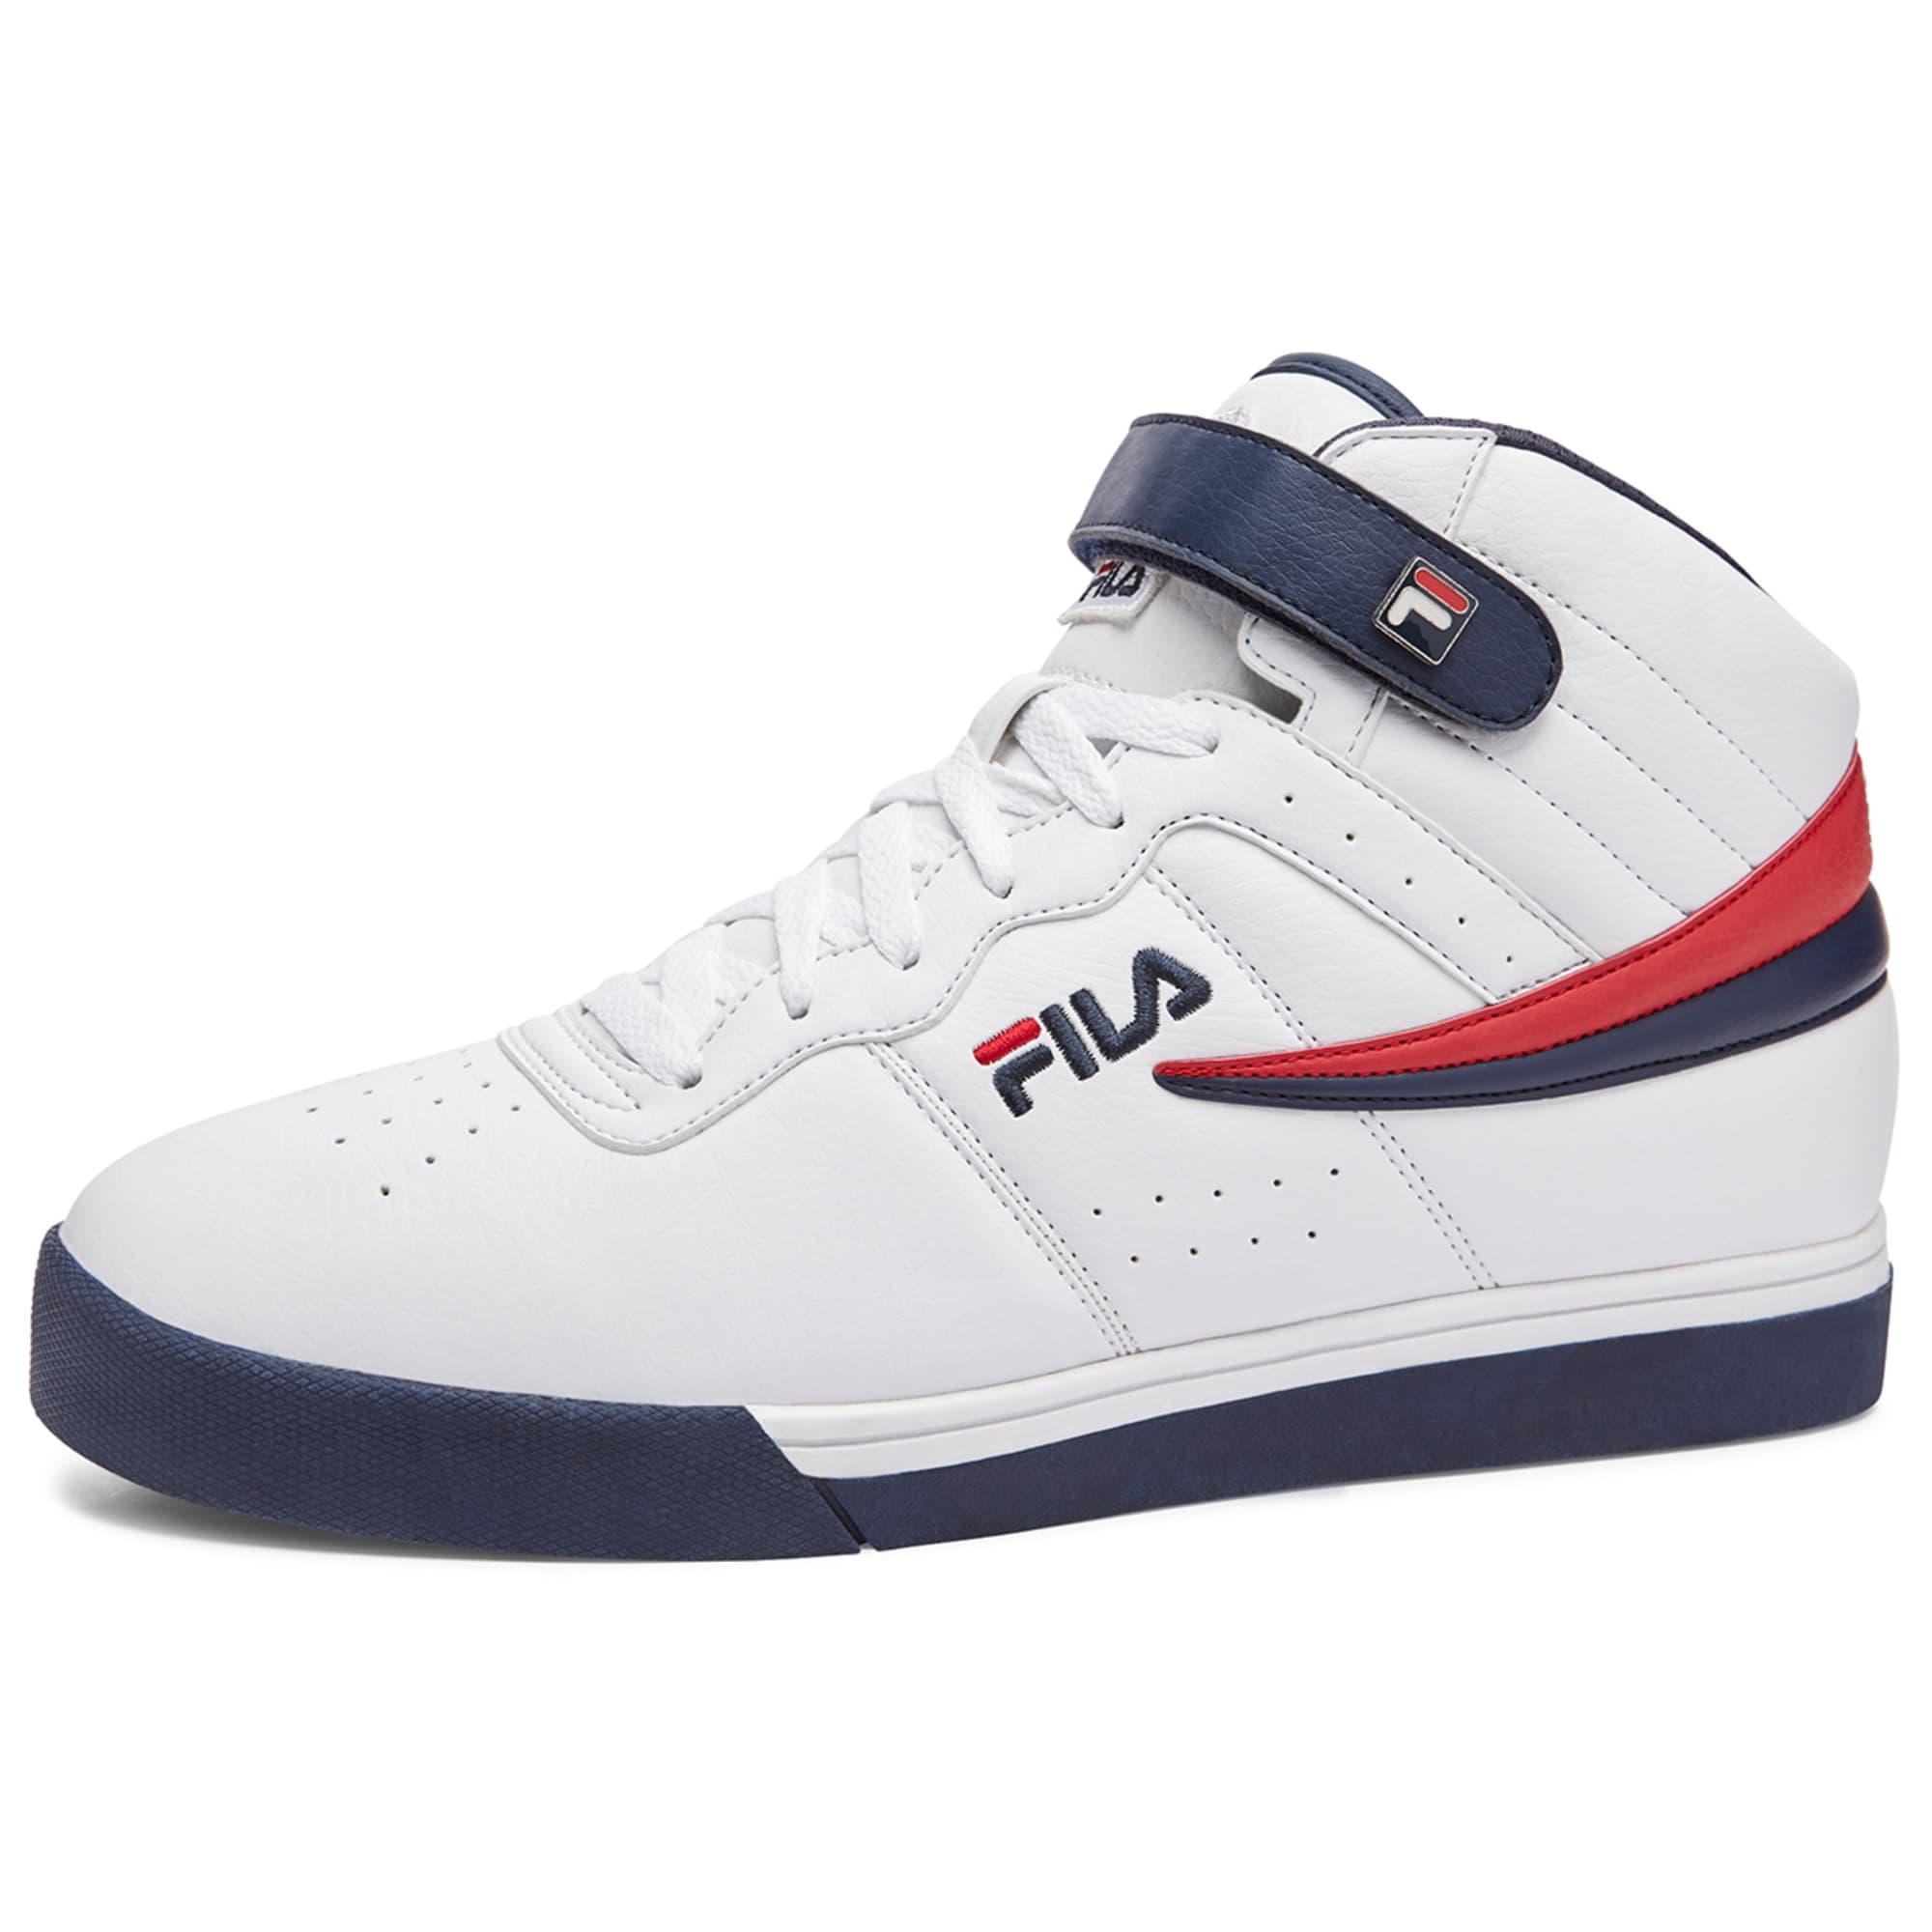 FILA Men's Vulc 13 Mid Basketball Shoes